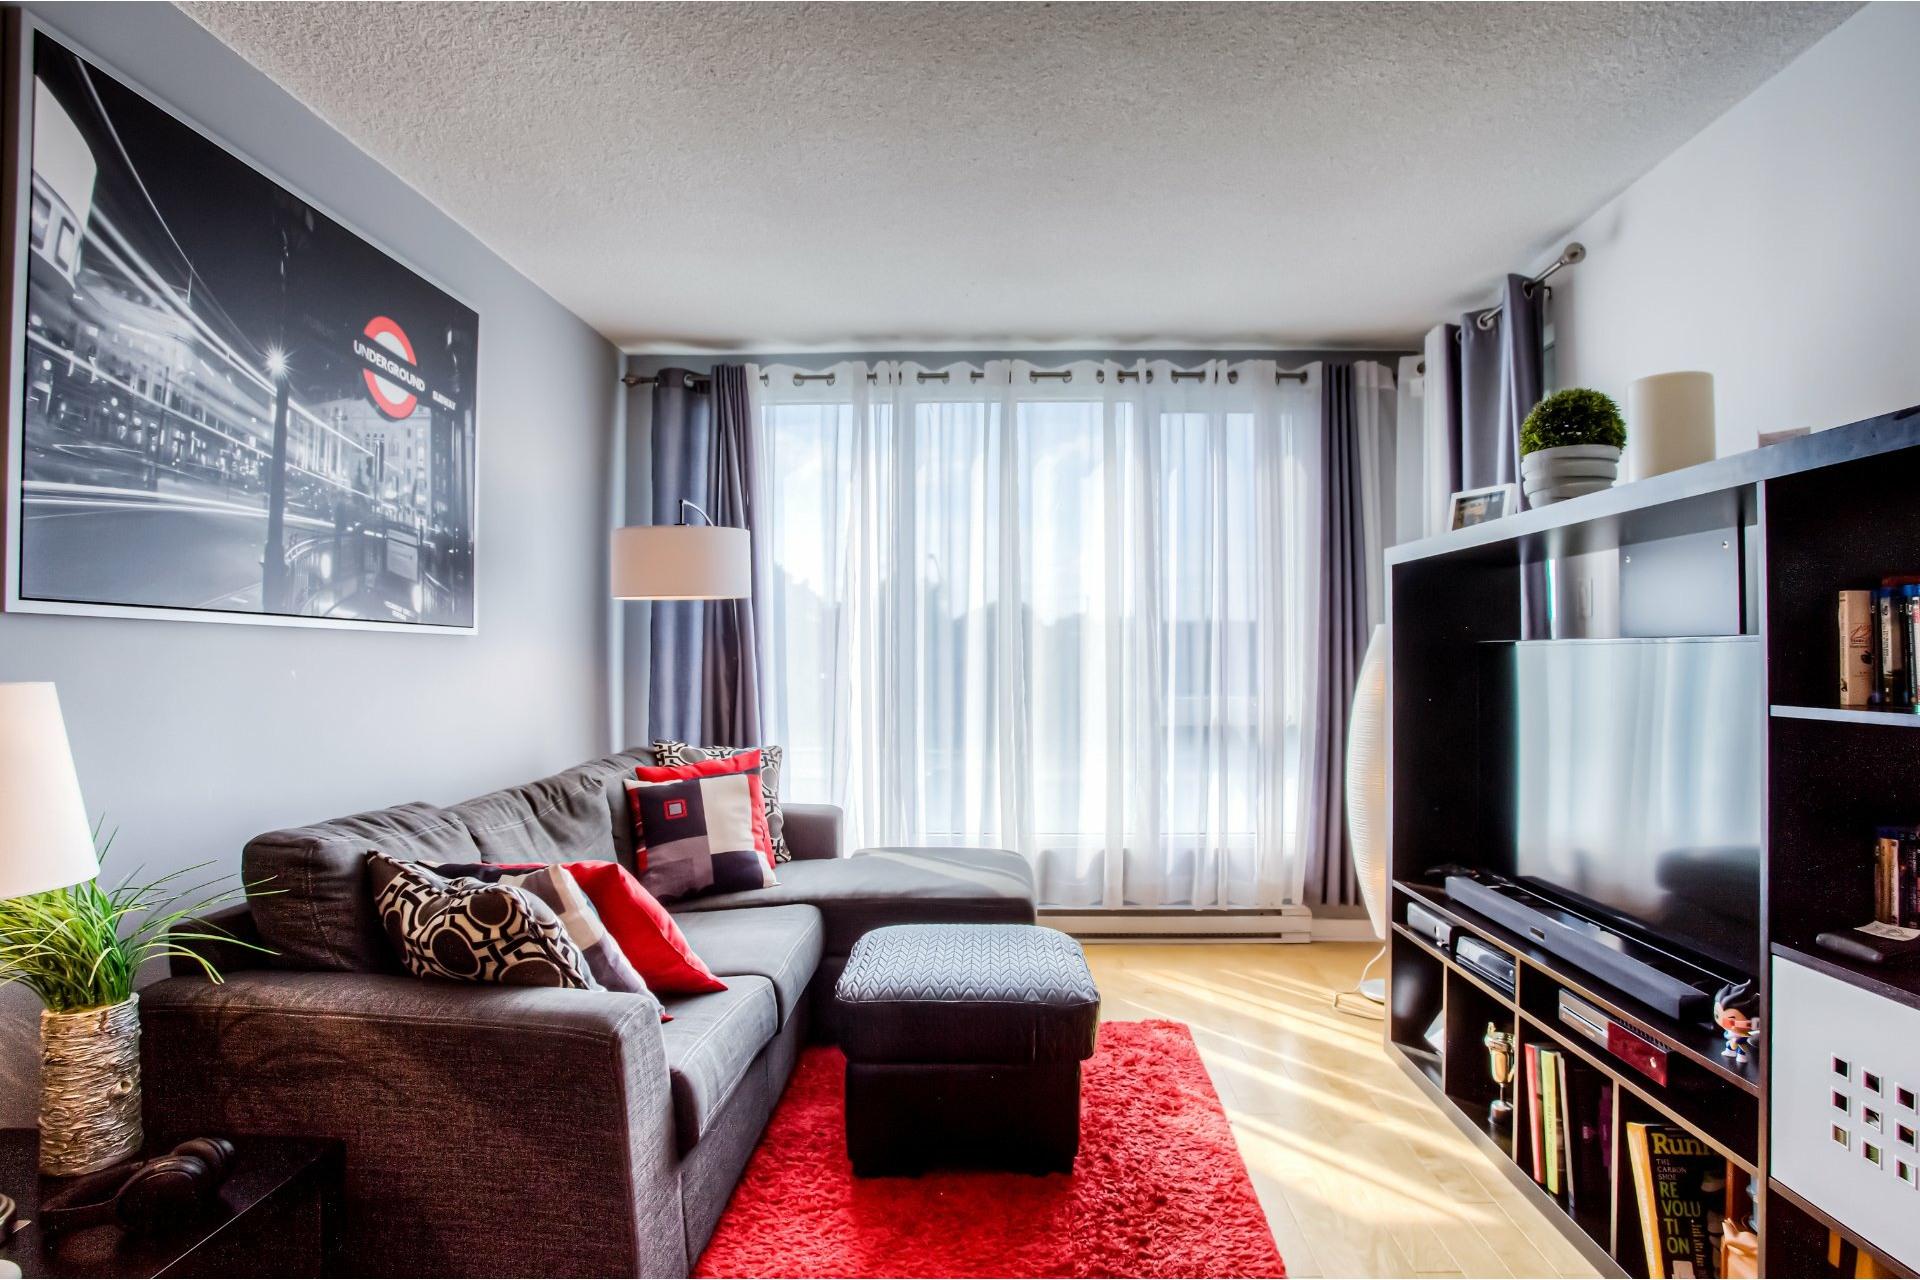 image 2 - Appartement À vendre Ahuntsic-Cartierville Montréal  - 3 pièces